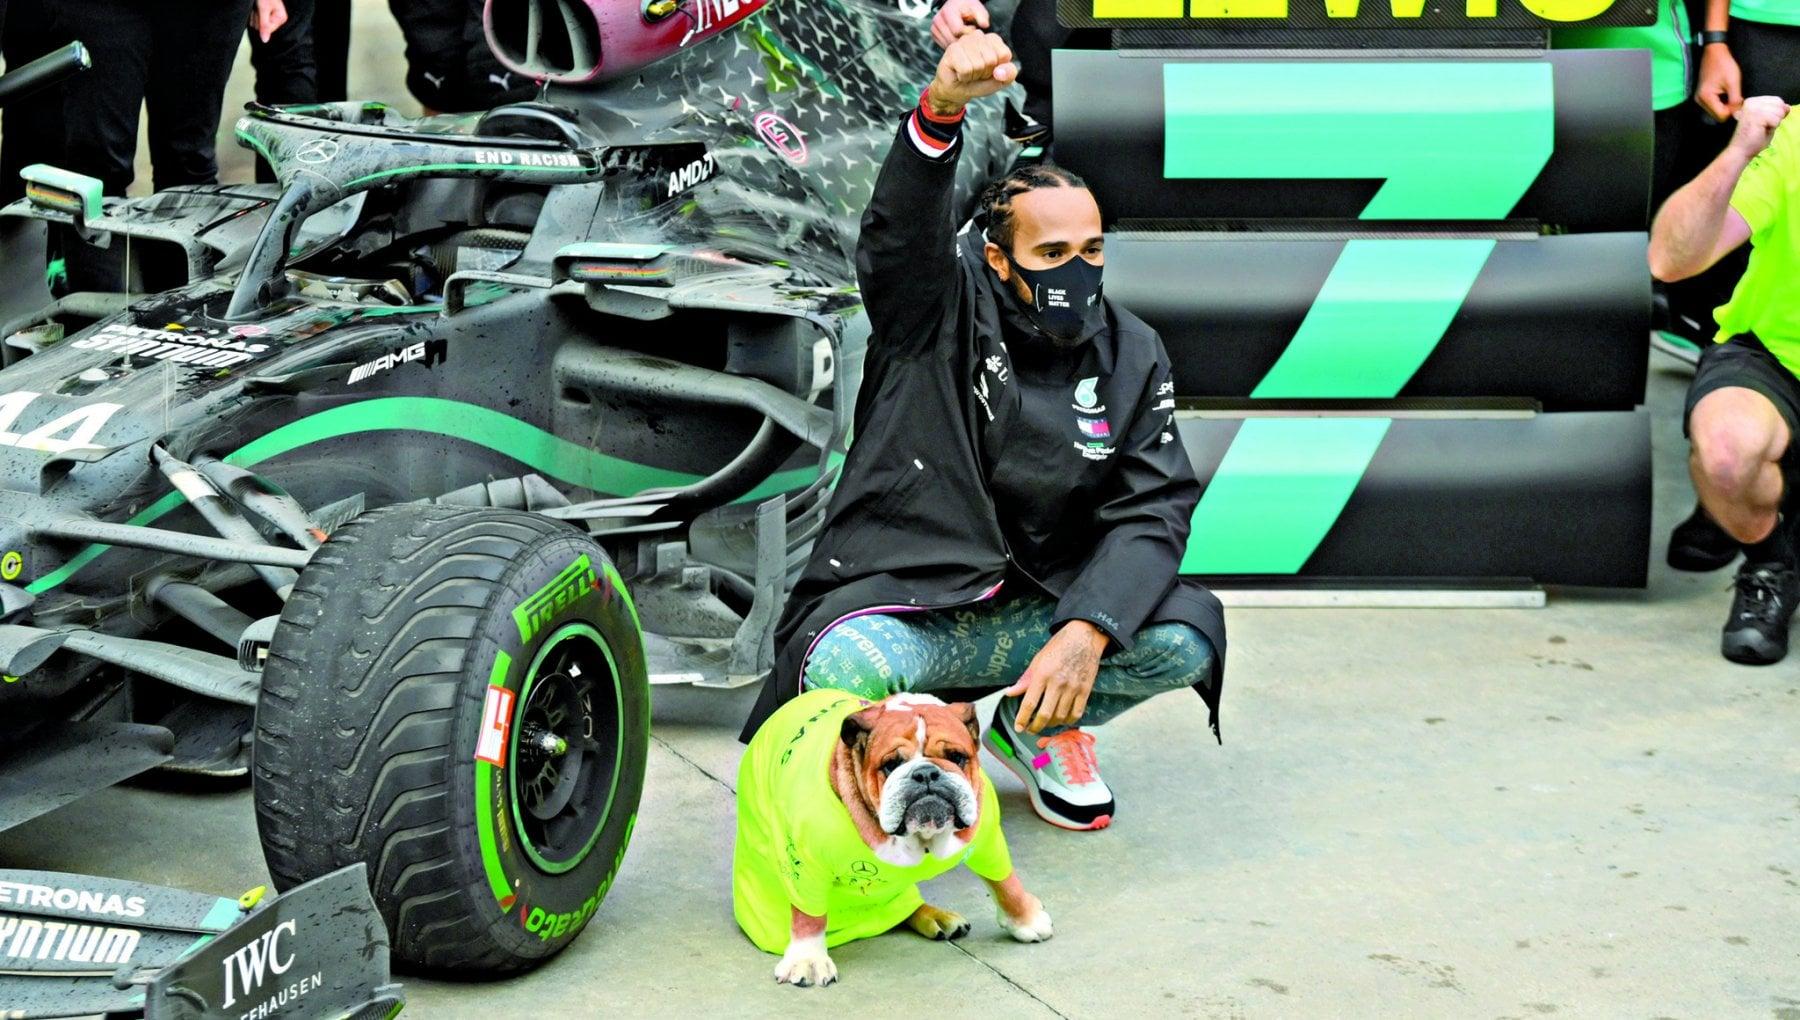 Roscoe il bulldog vegano di Hamilton star di Instagram